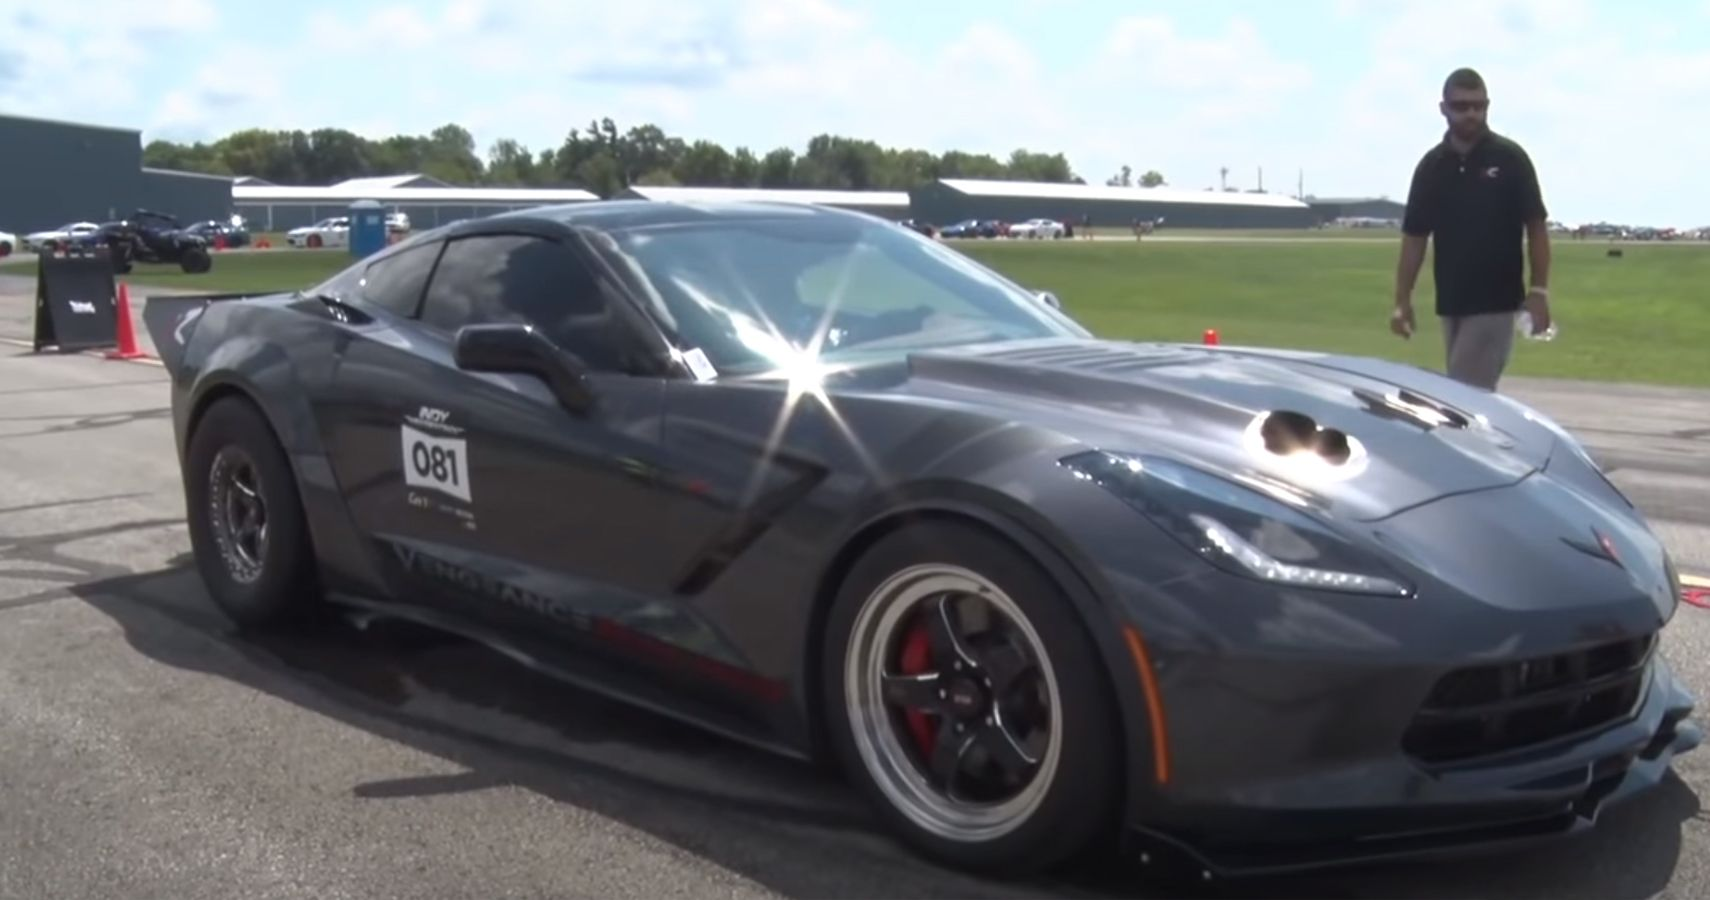 Watch This C7 Corvette Break The 200-MPH Barrier